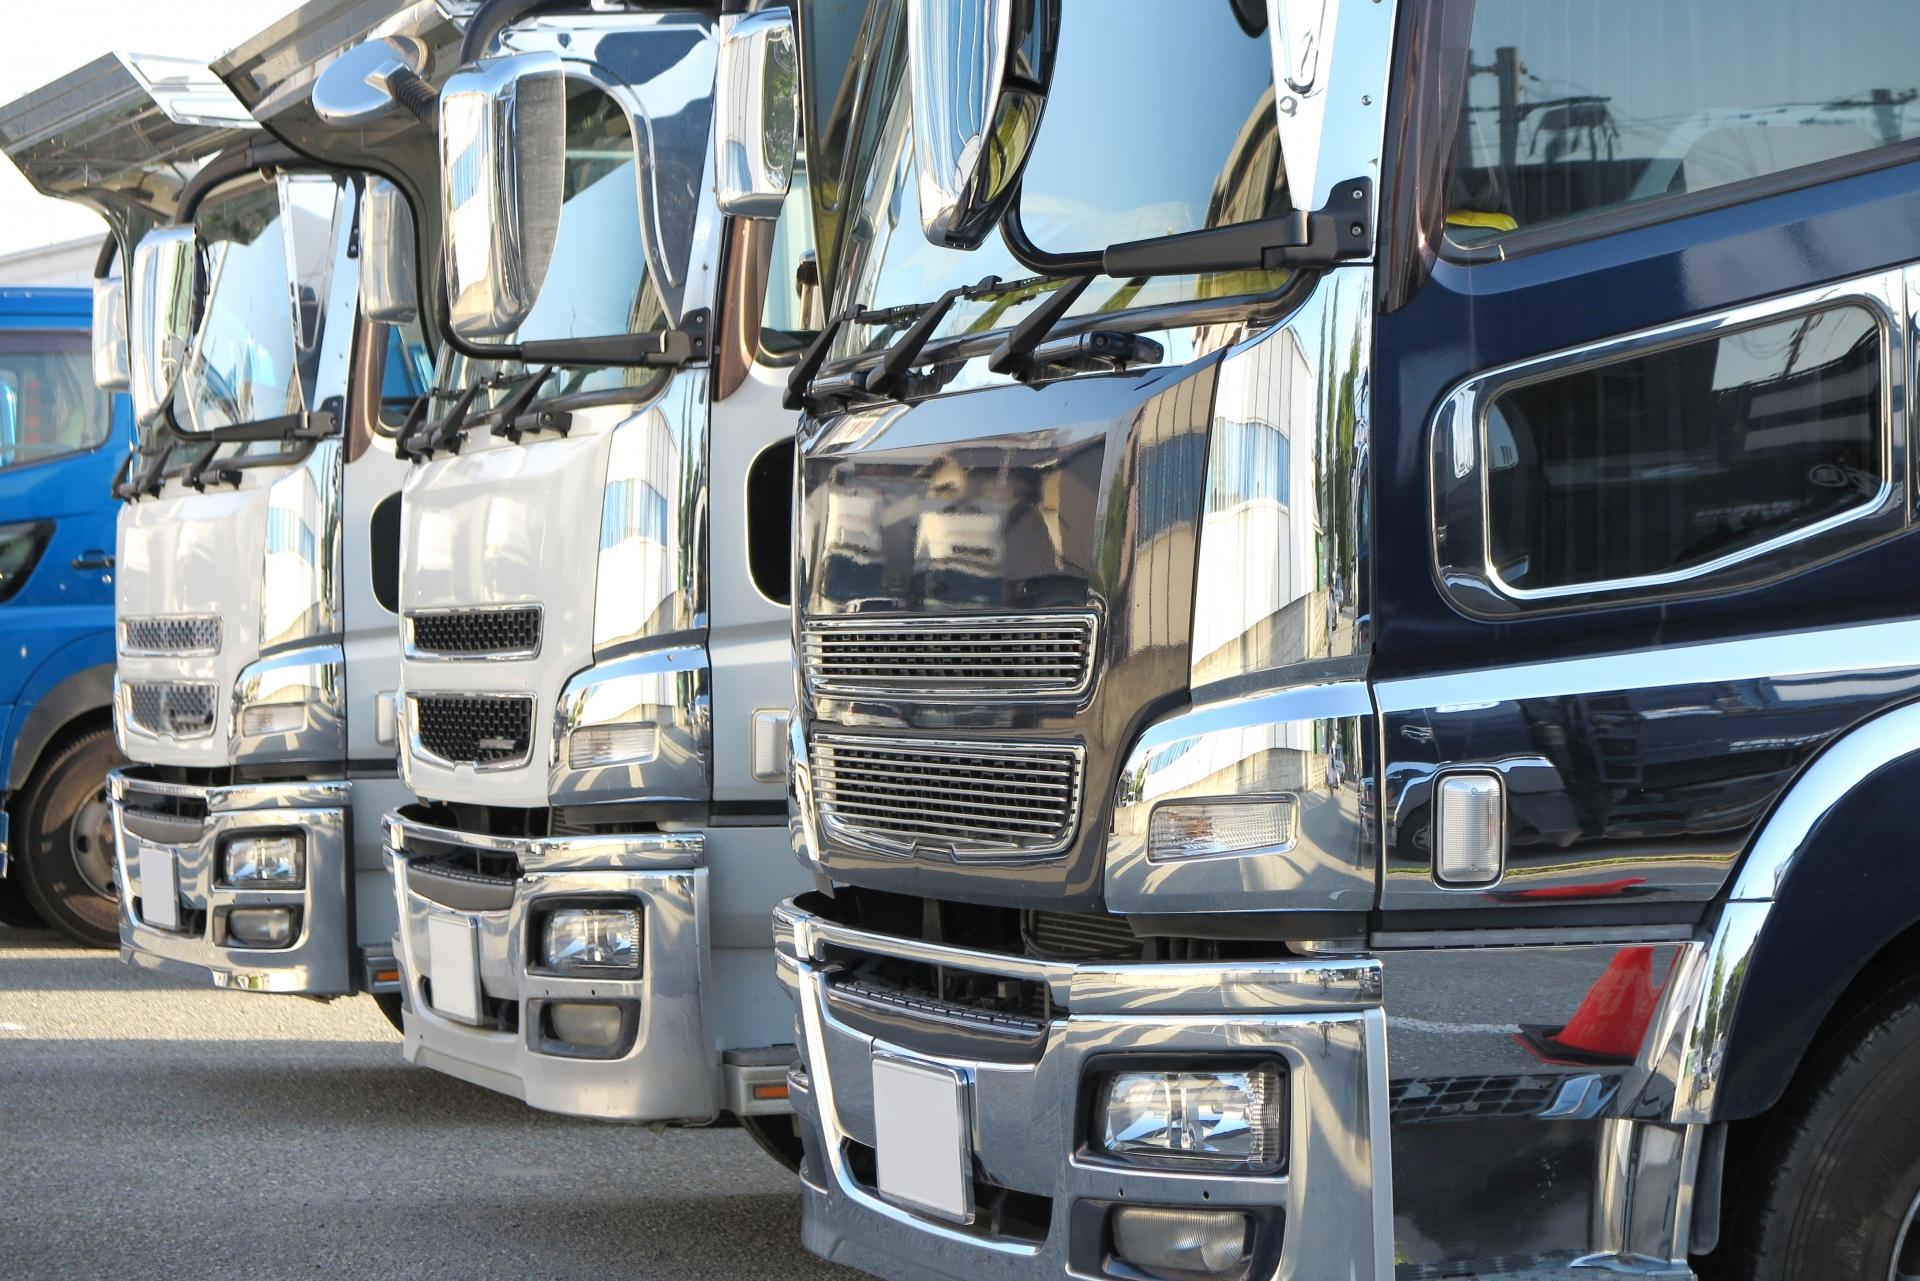 【IoT導入事例】アクティブRFID利用 レンタルトラックの所在管理